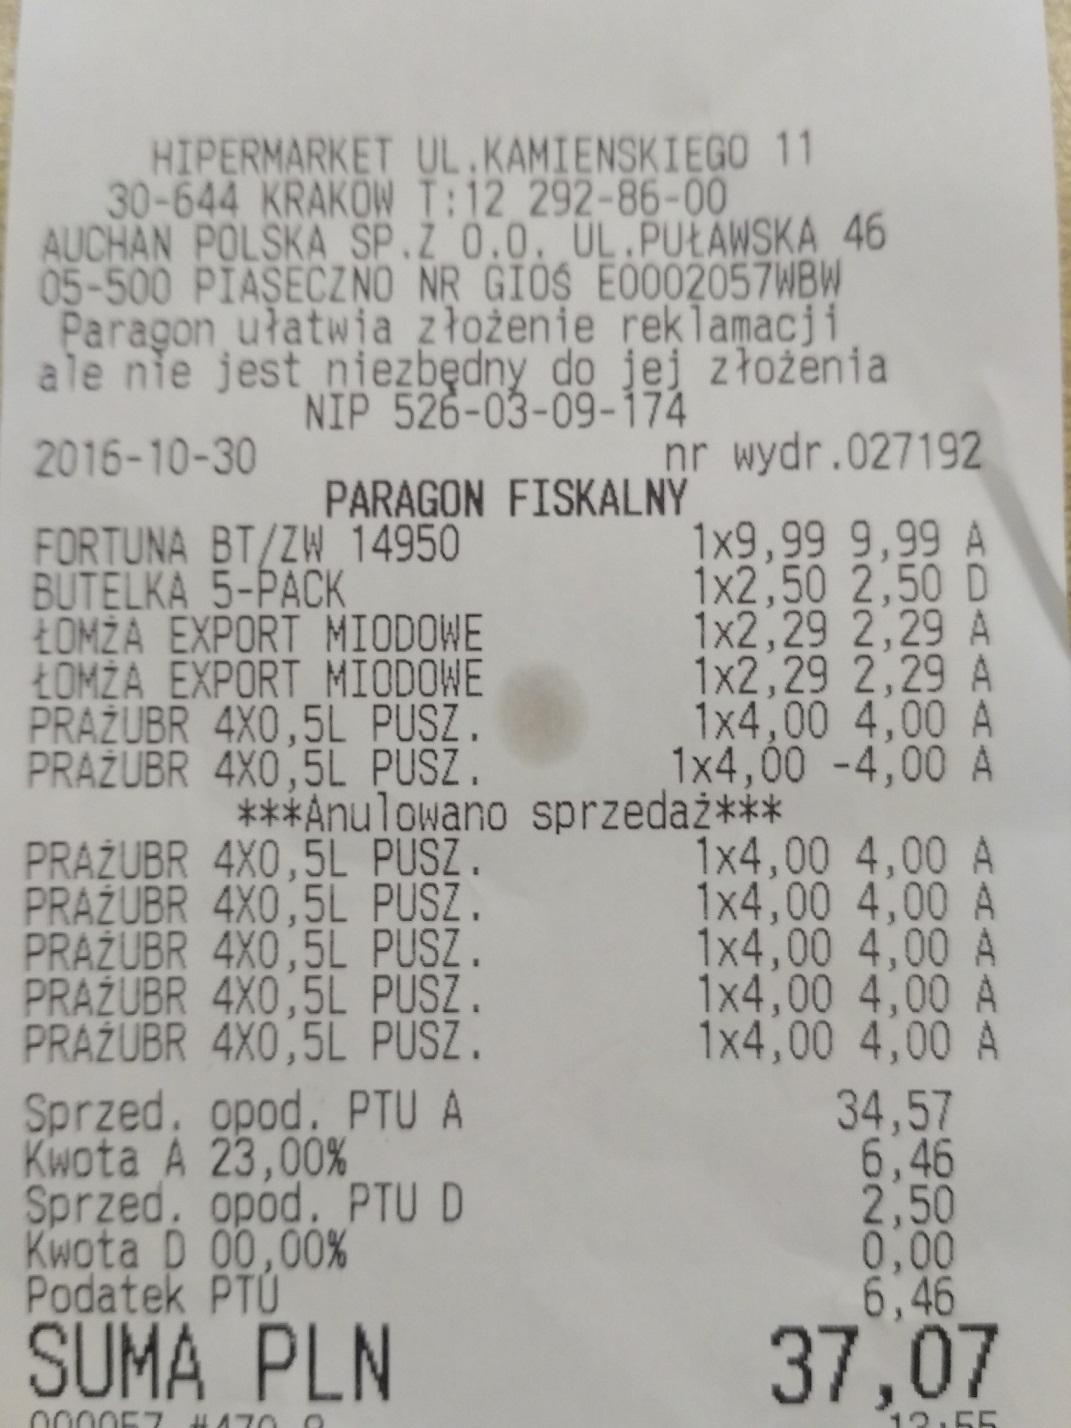 Prażubr 4-pak / Kraków / Auchan Bonarka